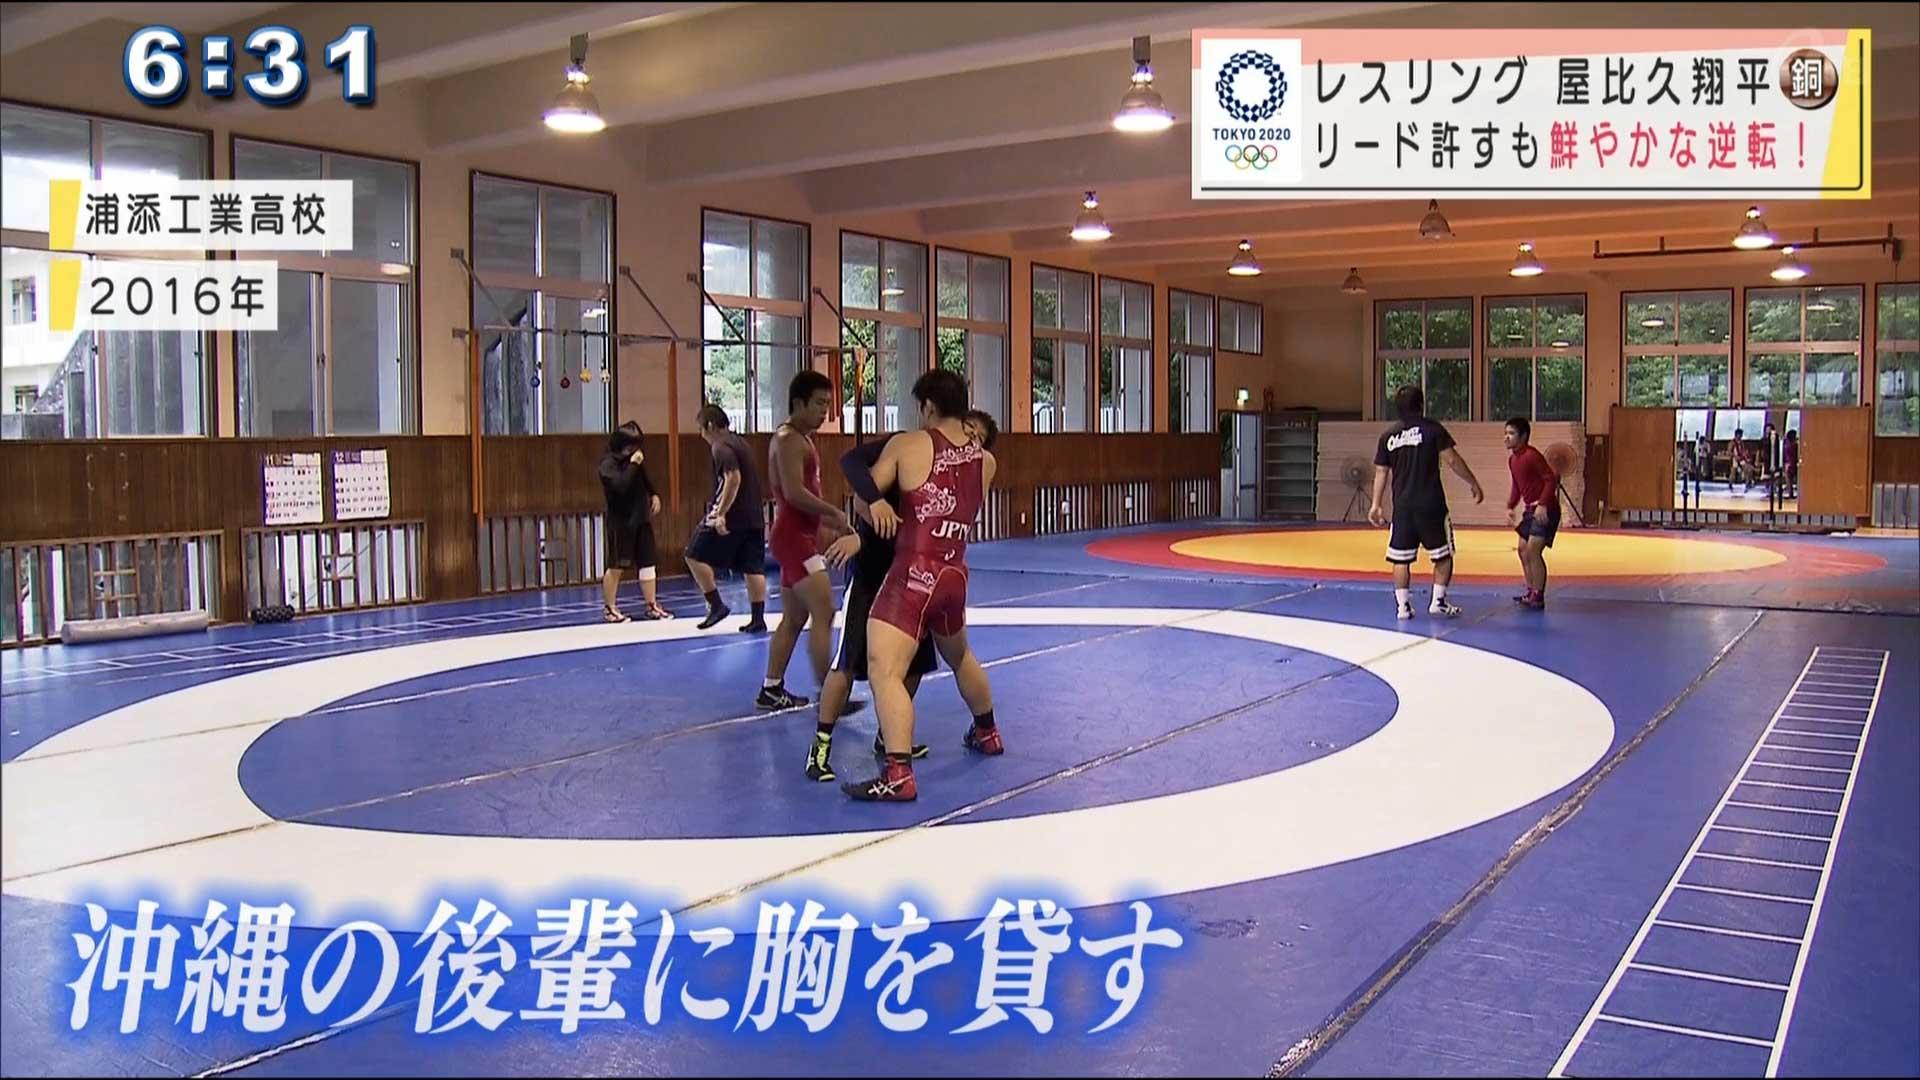 五輪個人競技県勢初のメダル レスリング屋比久翔平選手